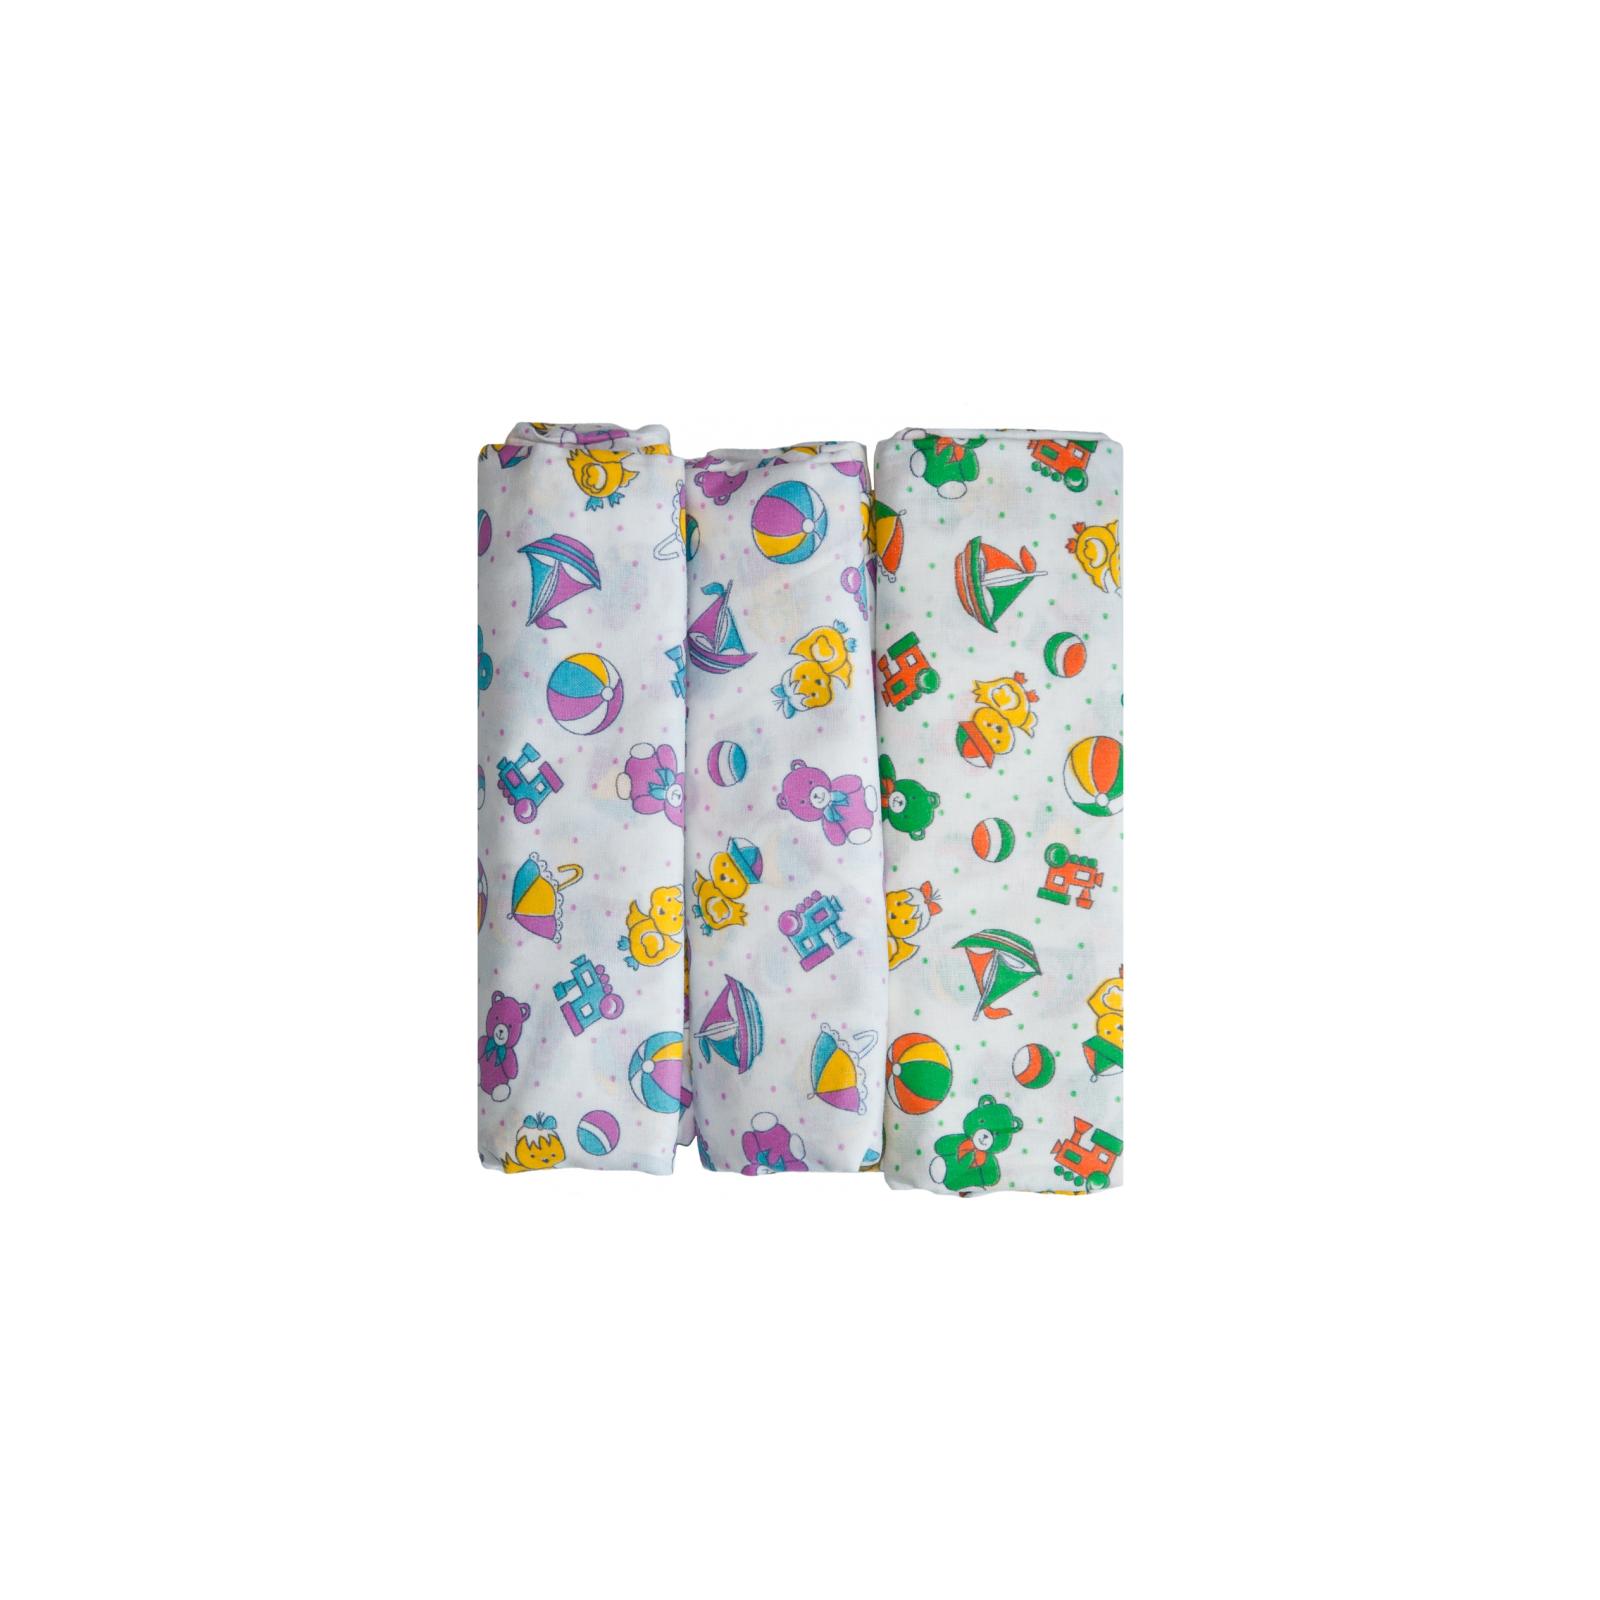 Комплект пеленок КОТМАРКОТ размер 90х120 см цвет белый, с набивкой 3 шт.<br>